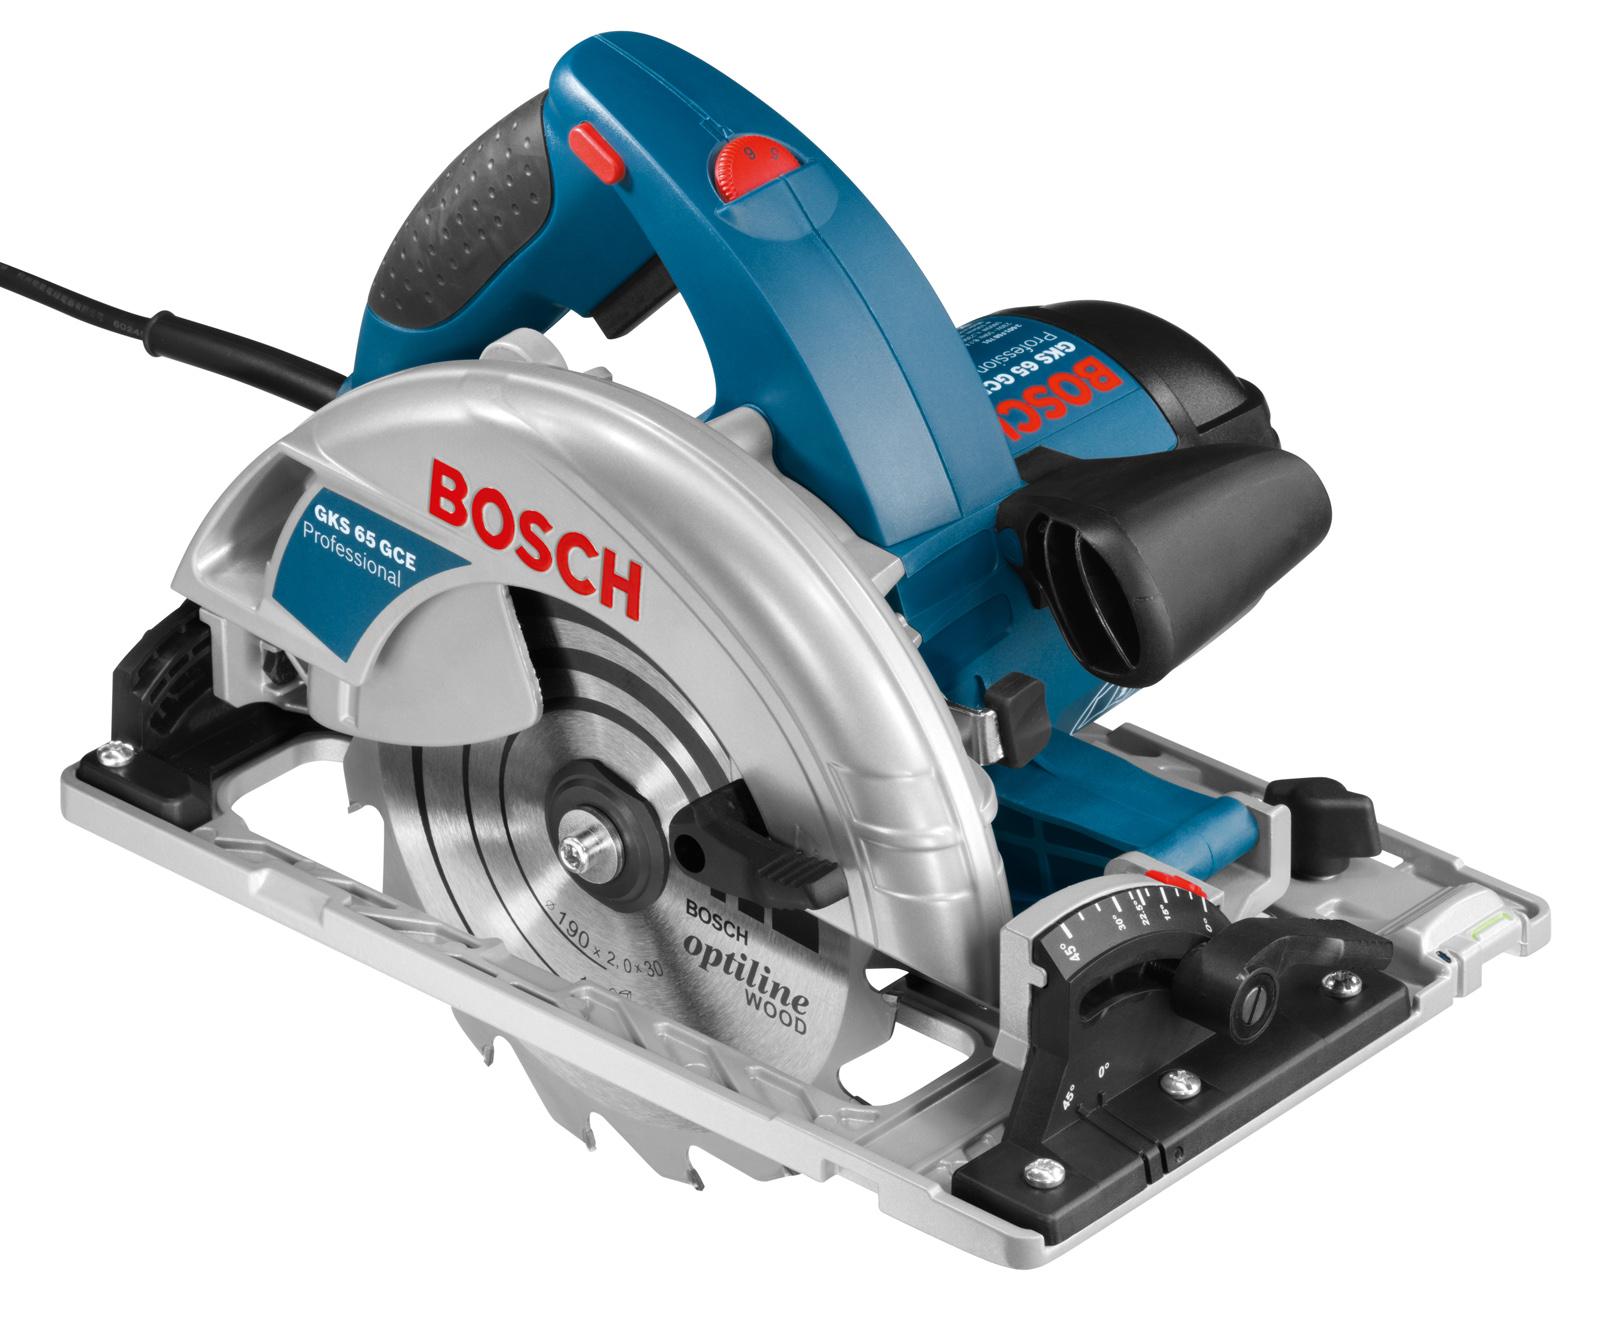 Пила циркулярная Bosch Gks 65 gce (0.601.668.900) дисковая пила bosch gks 65 gce 0601668901